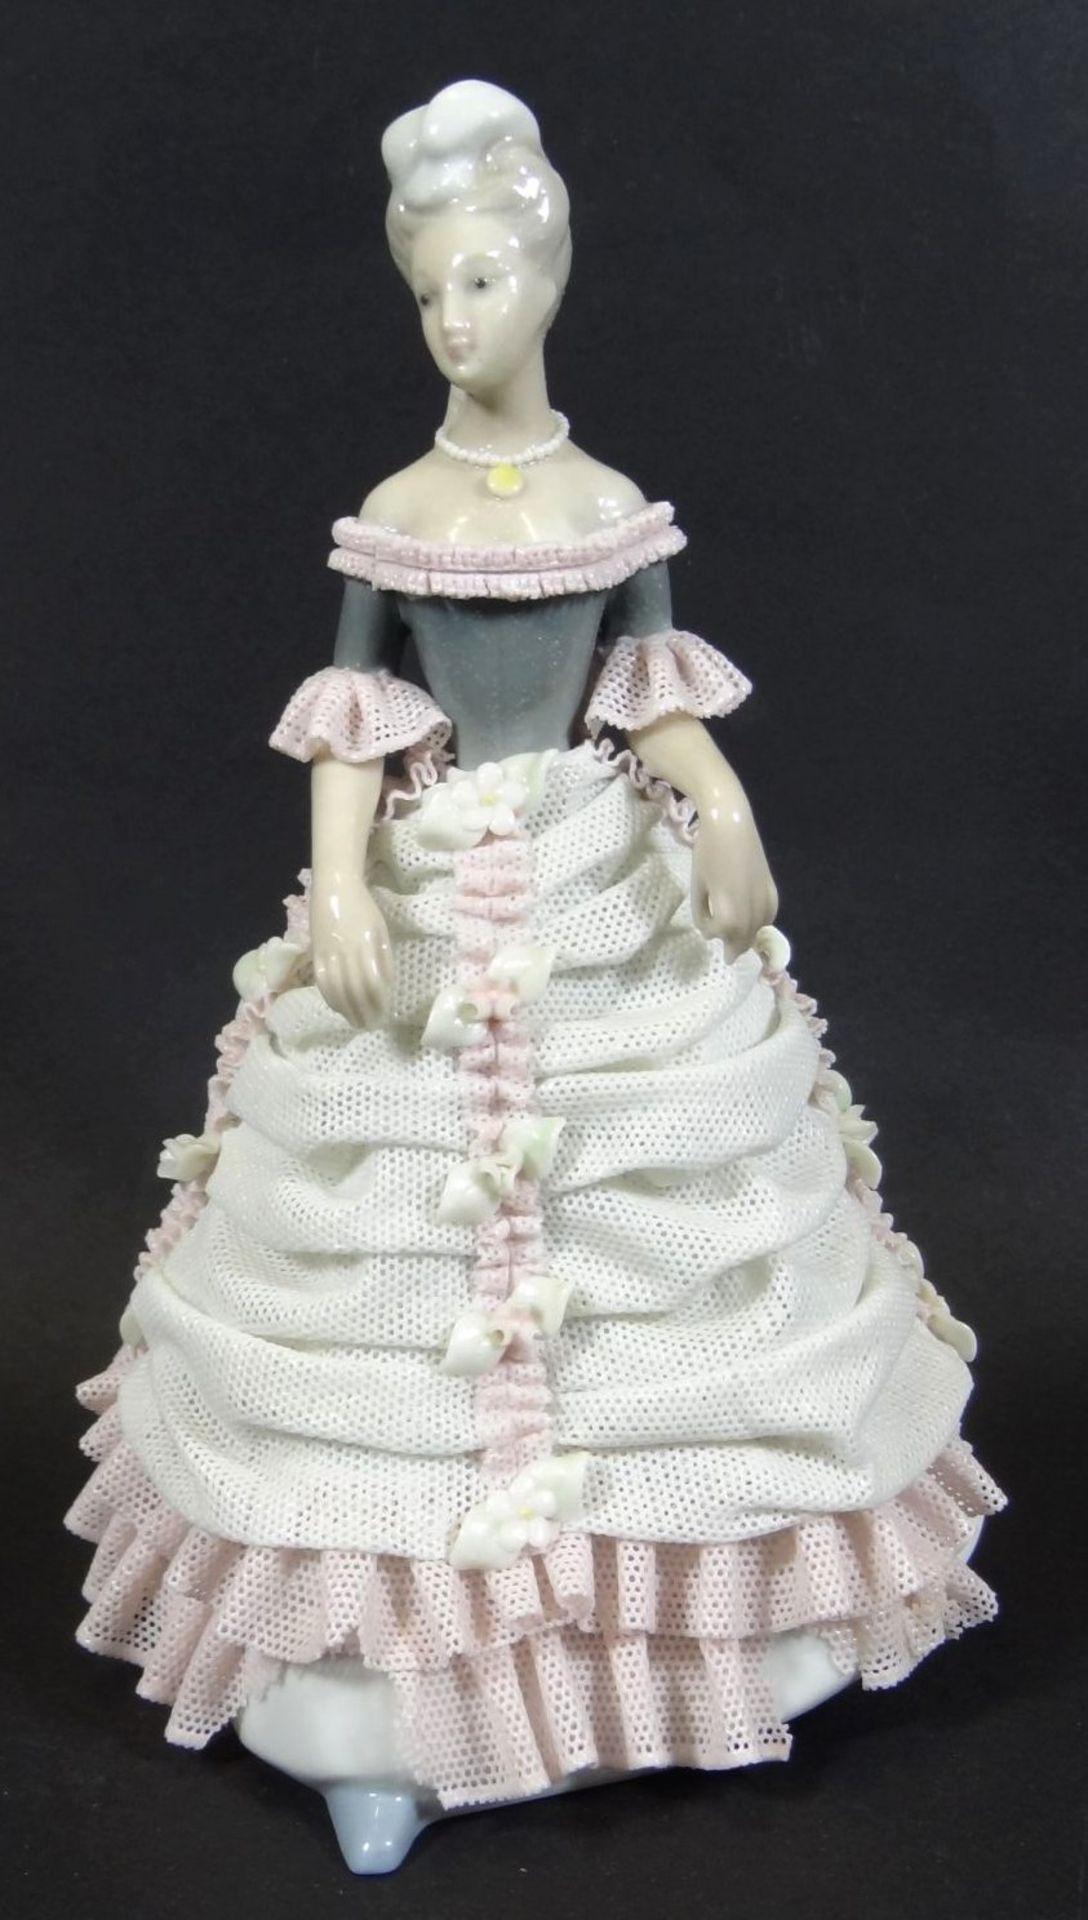 Los 1002 - Dame in Spitzenkleid, in Boden undeutl. Pressmarke, Kleid mehrfach beschädigt, Fehlteile, H-16 c